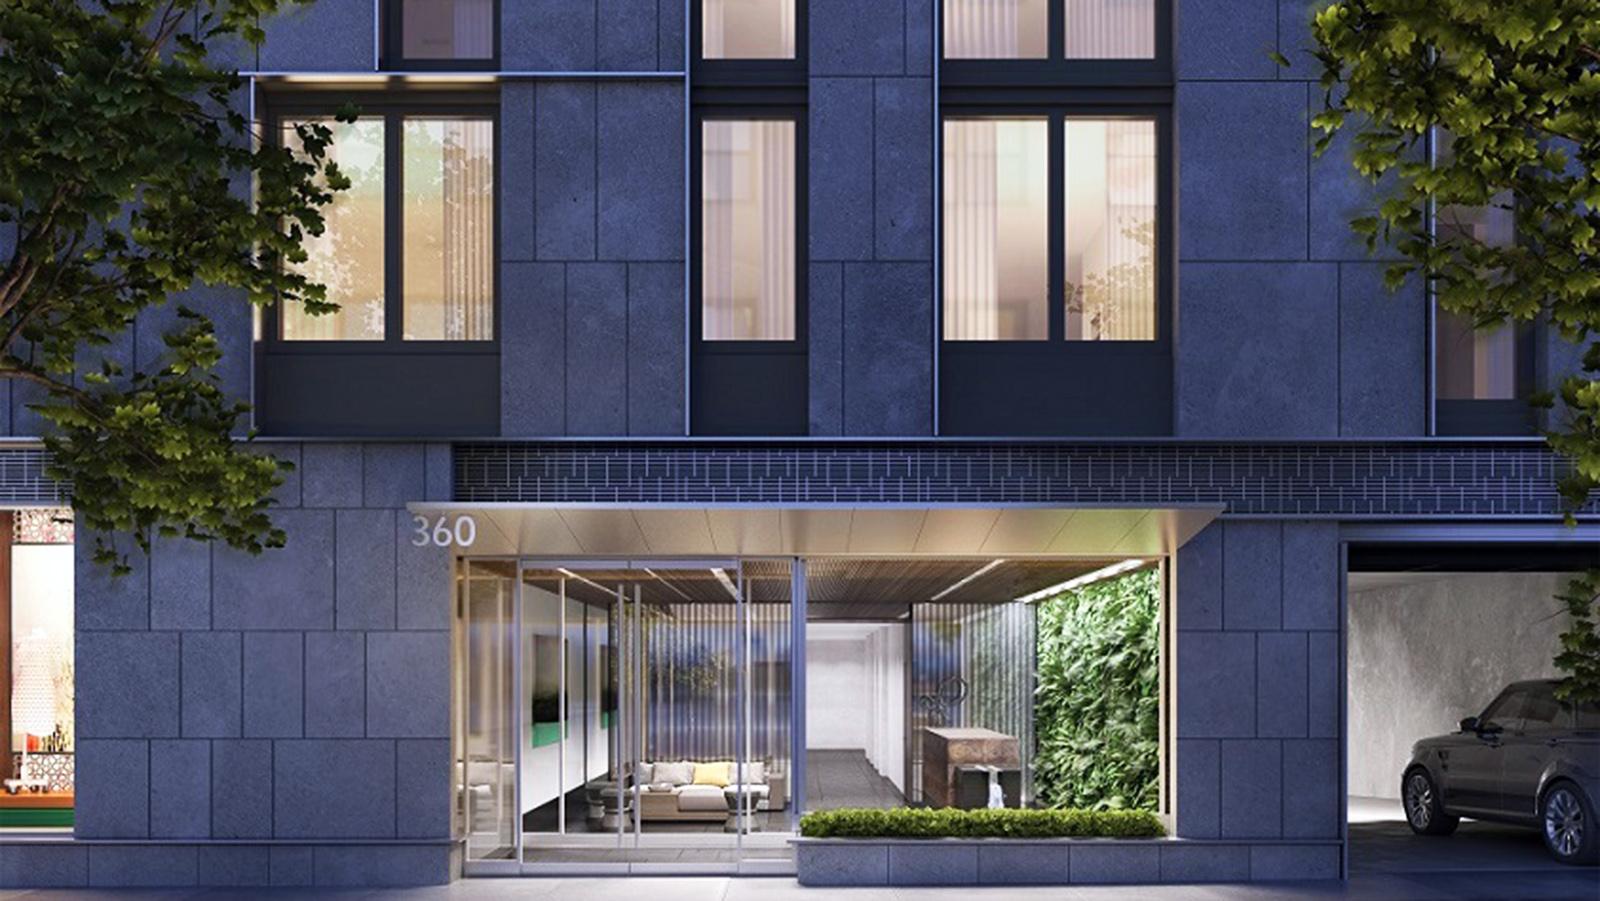 Citizen360, 360 East 89th Street